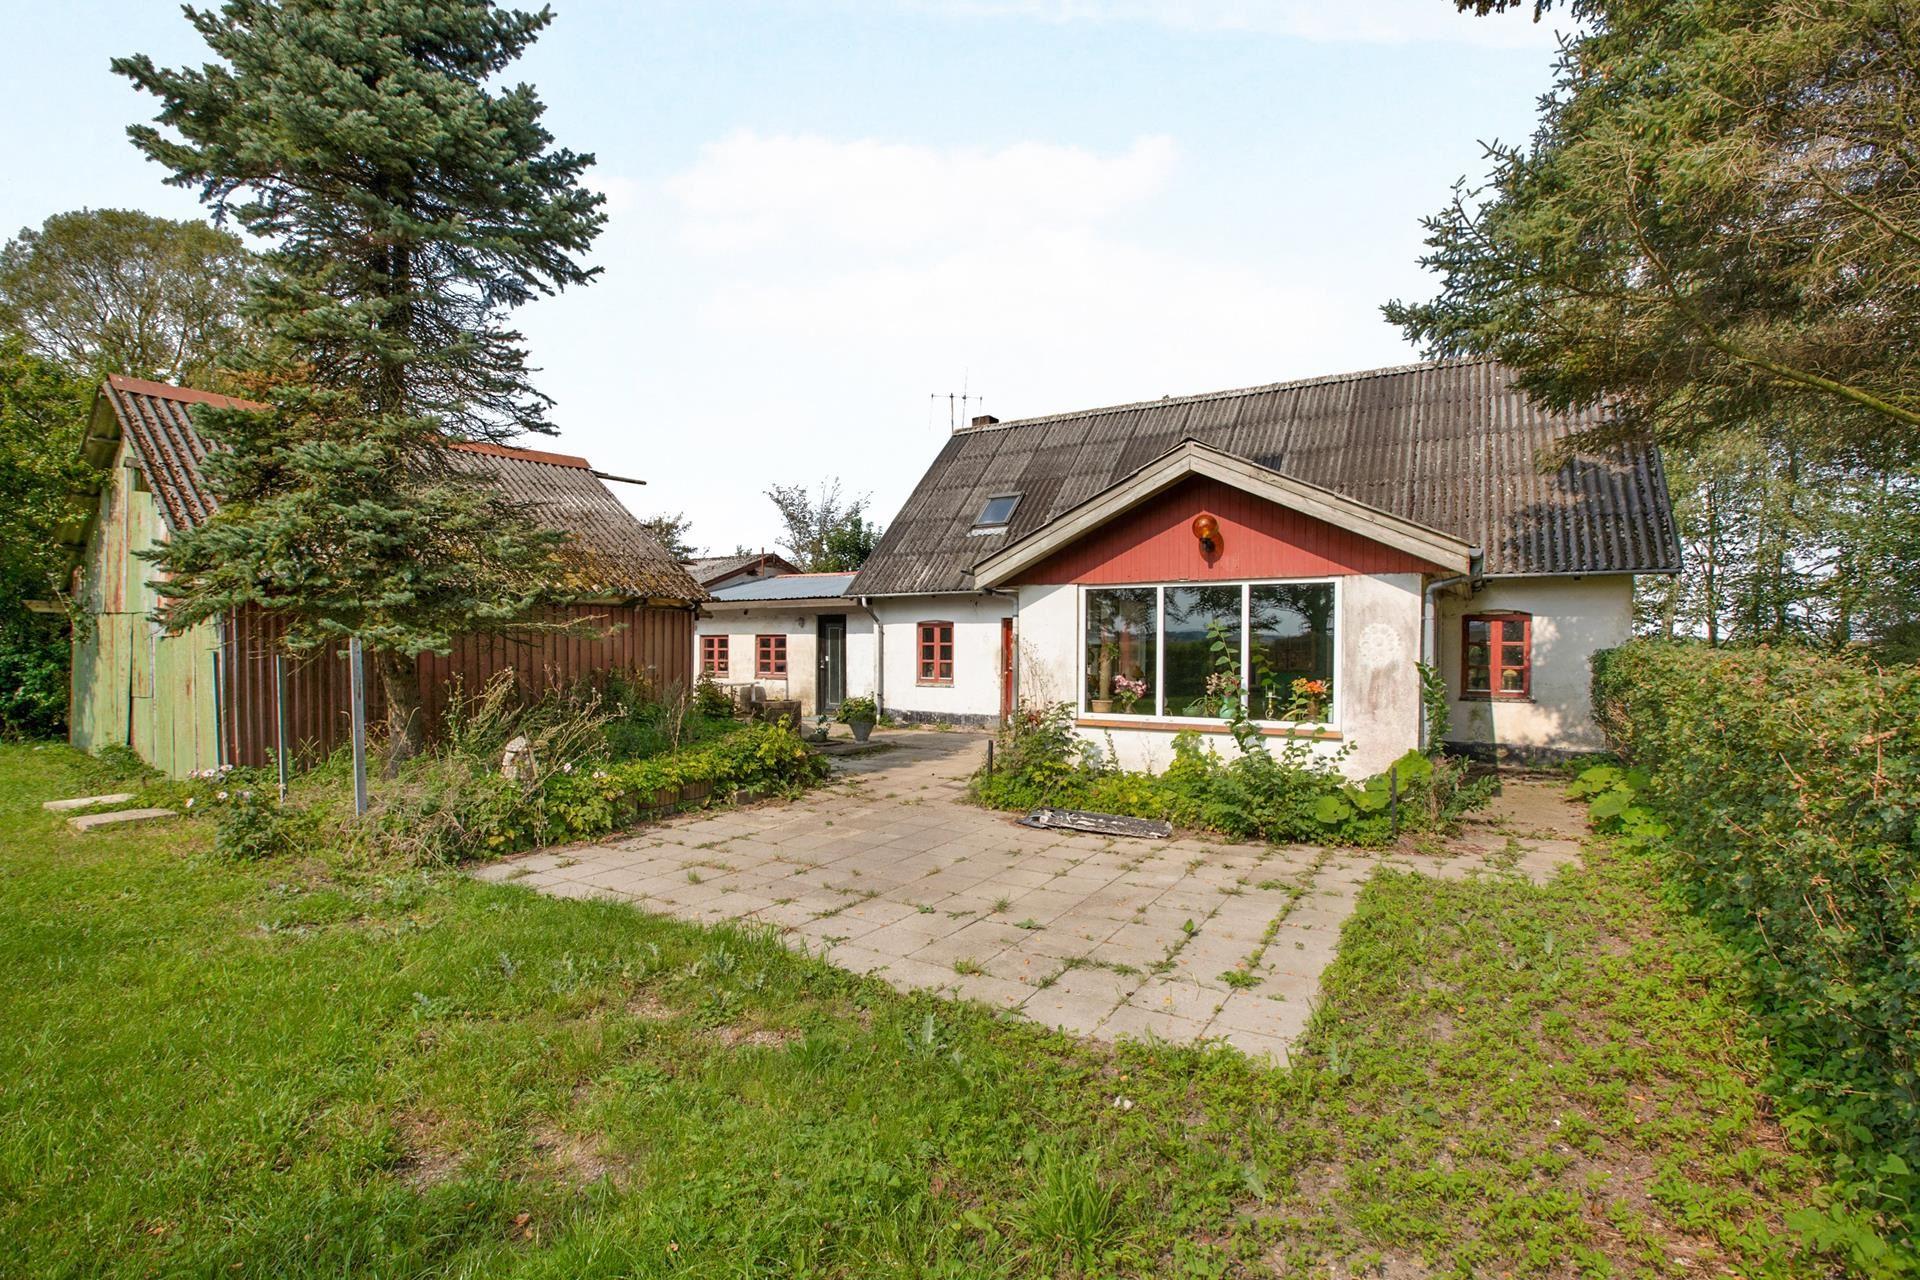 Danmarks billigste huse er i Nordjylland: Her kan du blive husejer for 80.000 kr.